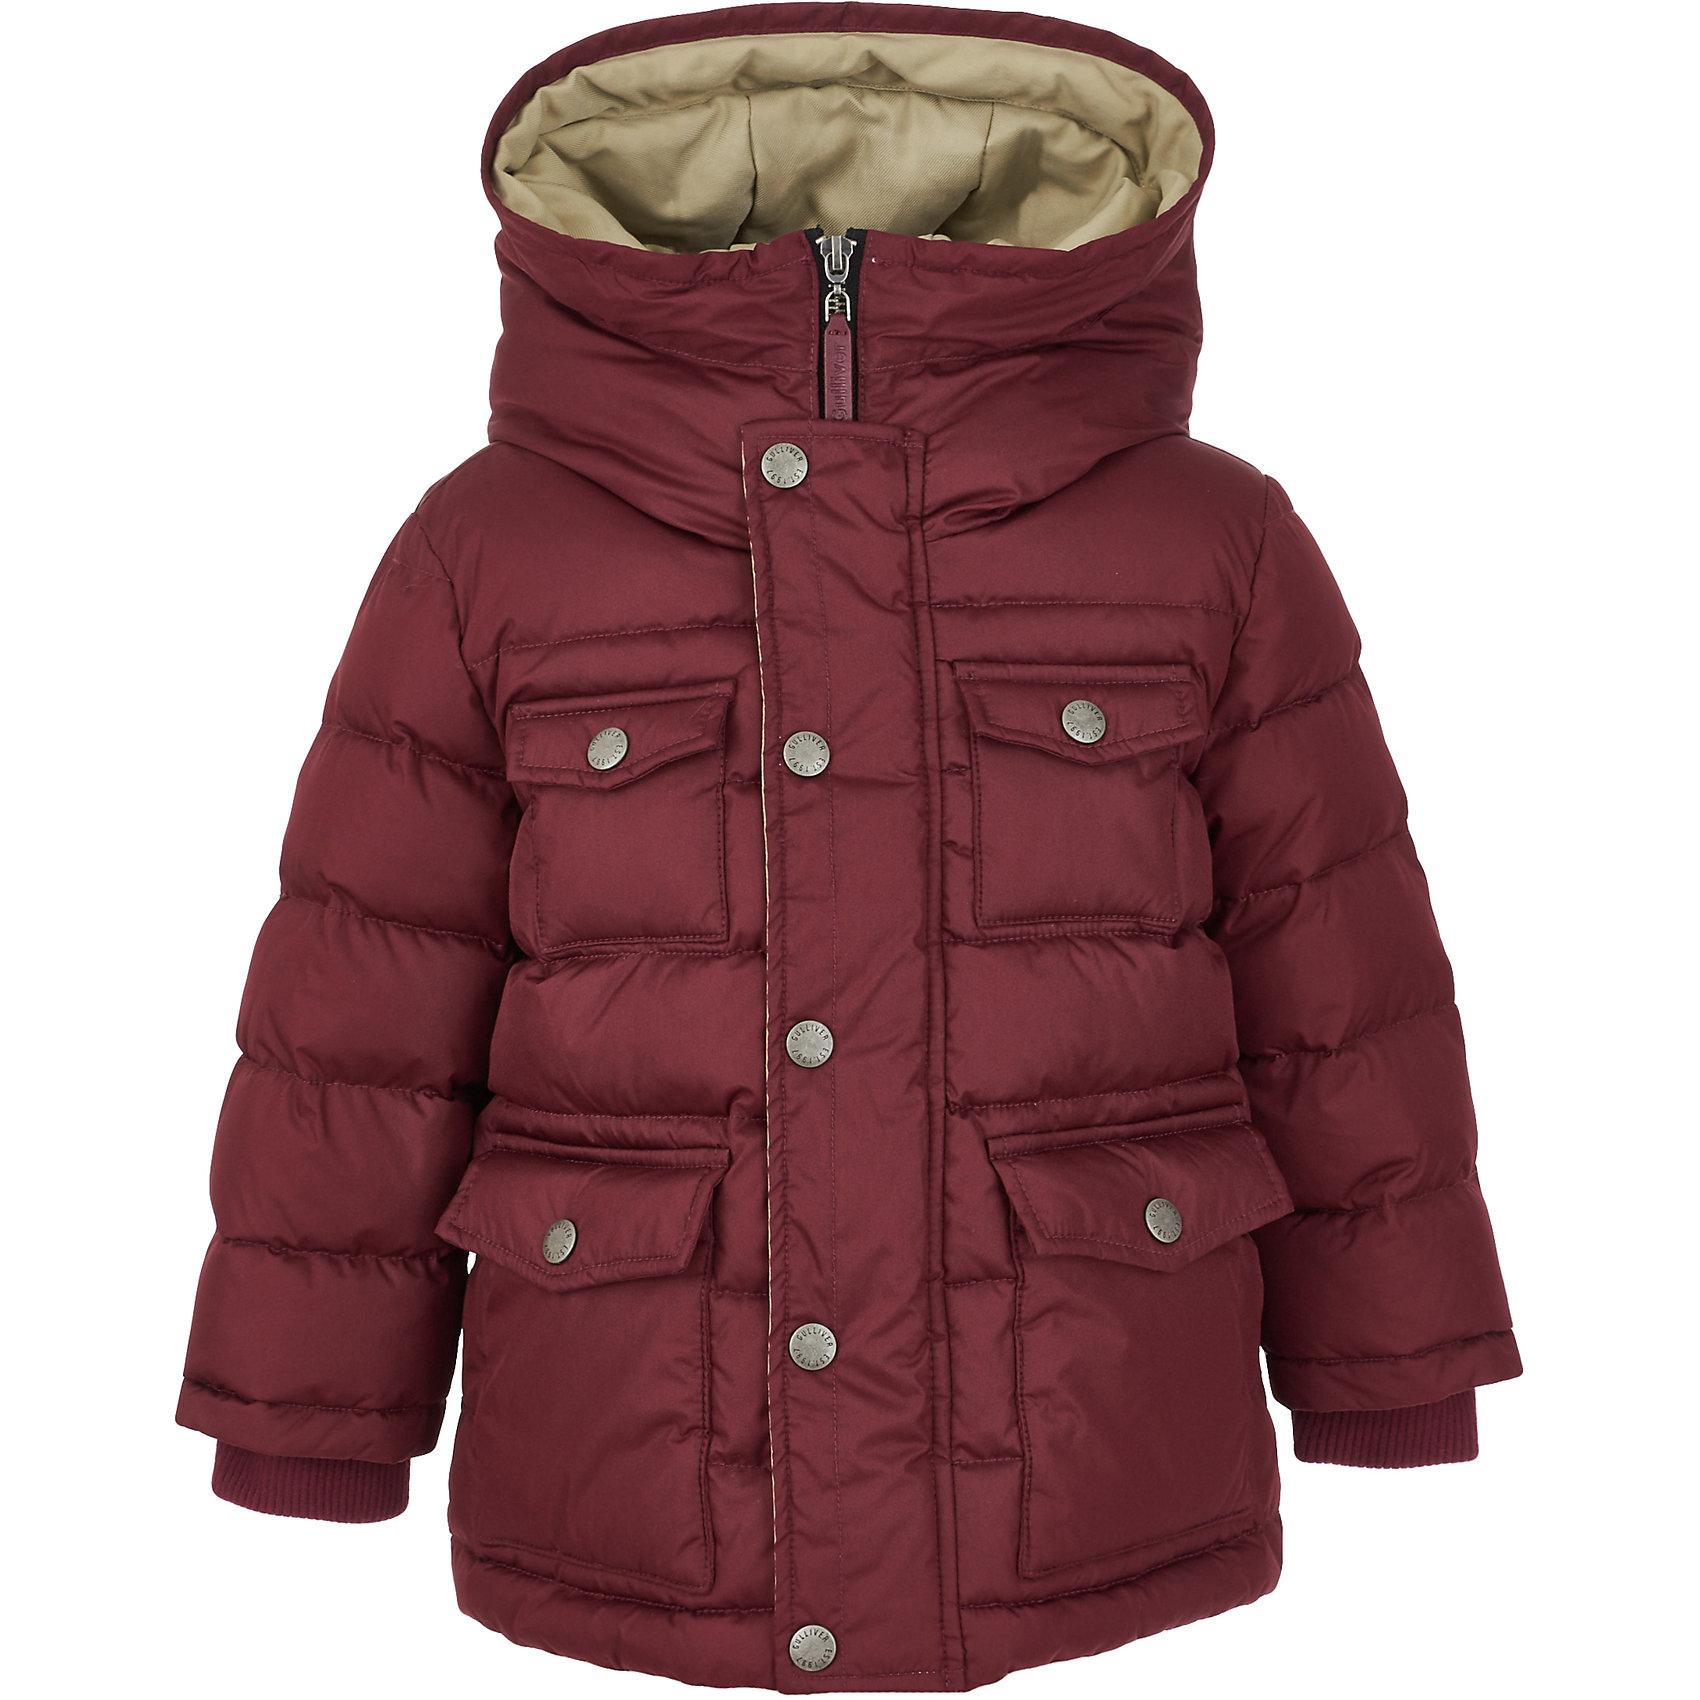 Полупальто Gulliver для мальчикаВерхняя одежда<br>Полупальто Gulliver для мальчика<br>Какими должны быть куртки для мальчиков? Модными или практичными, красивыми или функциональными? Отправляясь на шопинг, мамы мальчиков должны ответить на эти непростые вопросы. Куртка из коллекции Воздушная регата упрощает задачу, потому что сочетает в себе все лучшие характеристики детских курток для мальчиков. Модная форма, комфортная длина, комбинация фактур, множество интересных функциональных и декоративных деталей делают куртку яркой и привлекательной. Эта куртка с контрастной отделкой подарит своему обладателю прекрасный внешний вид, удобство и индивидуальность. Если вы решили купить модную детскую куртку, эта модель - достойный выбор!<br>Состав:<br>верх: 100% полиэстер;  подкладка: 100% хлопок; утеплитель: иск.пух 100% полиэстер<br><br>Ширина мм: 356<br>Глубина мм: 10<br>Высота мм: 245<br>Вес г: 519<br>Цвет: бордовый<br>Возраст от месяцев: 60<br>Возраст до месяцев: 72<br>Пол: Мужской<br>Возраст: Детский<br>Размер: 116,98,104,110<br>SKU: 7078623